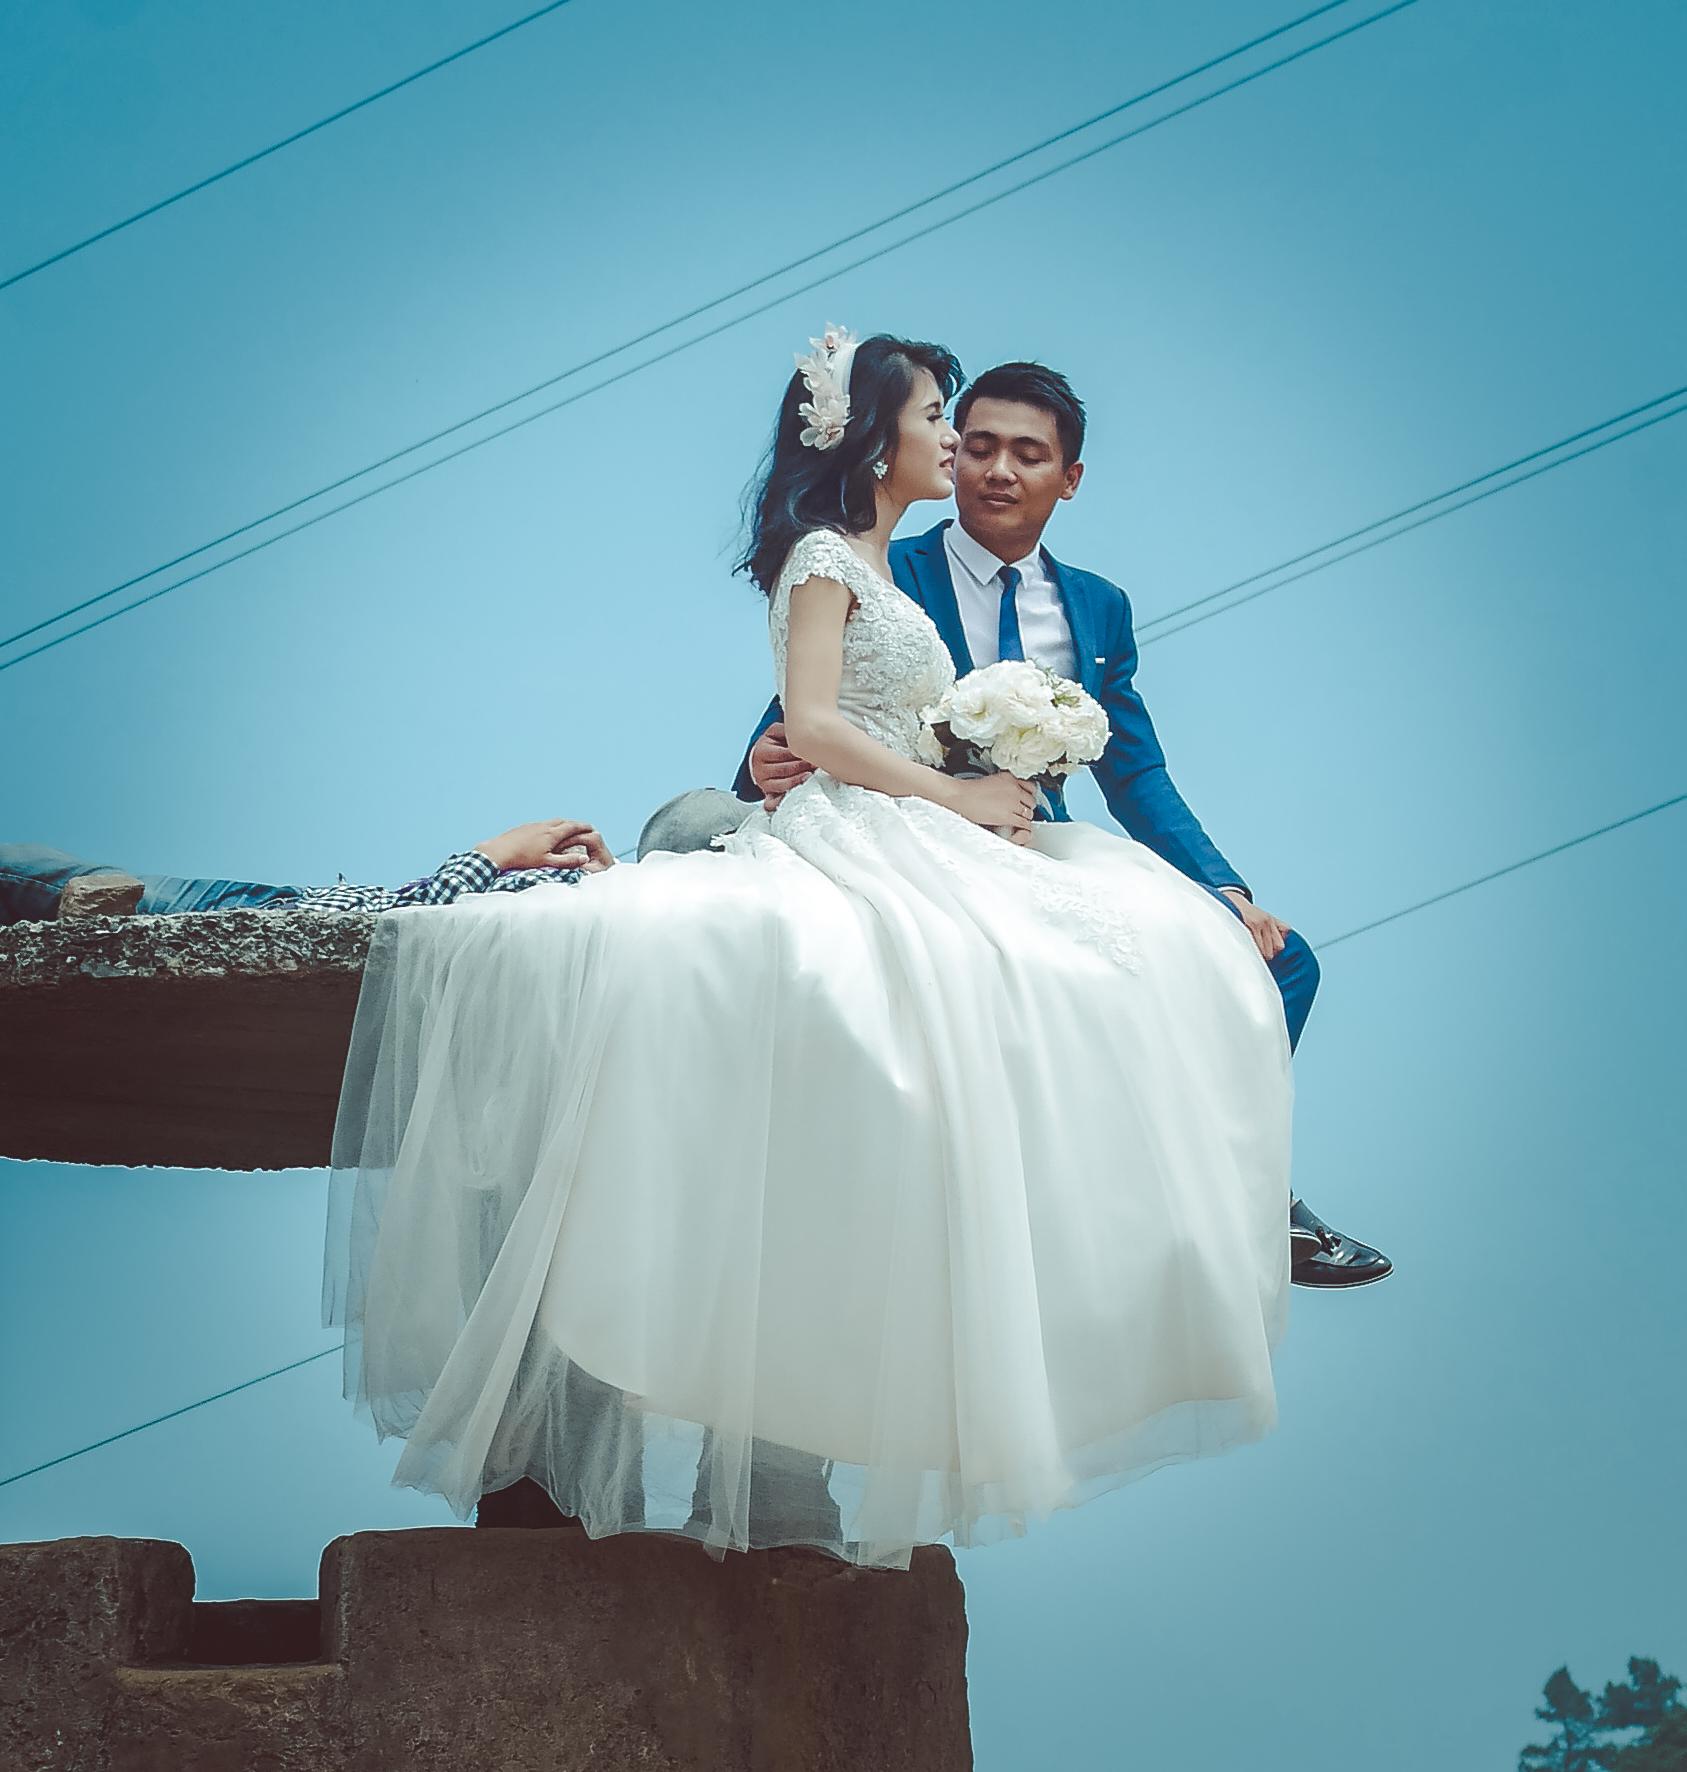 Fahrt über den Wolkenpass - Hochzeitsfotoshooting